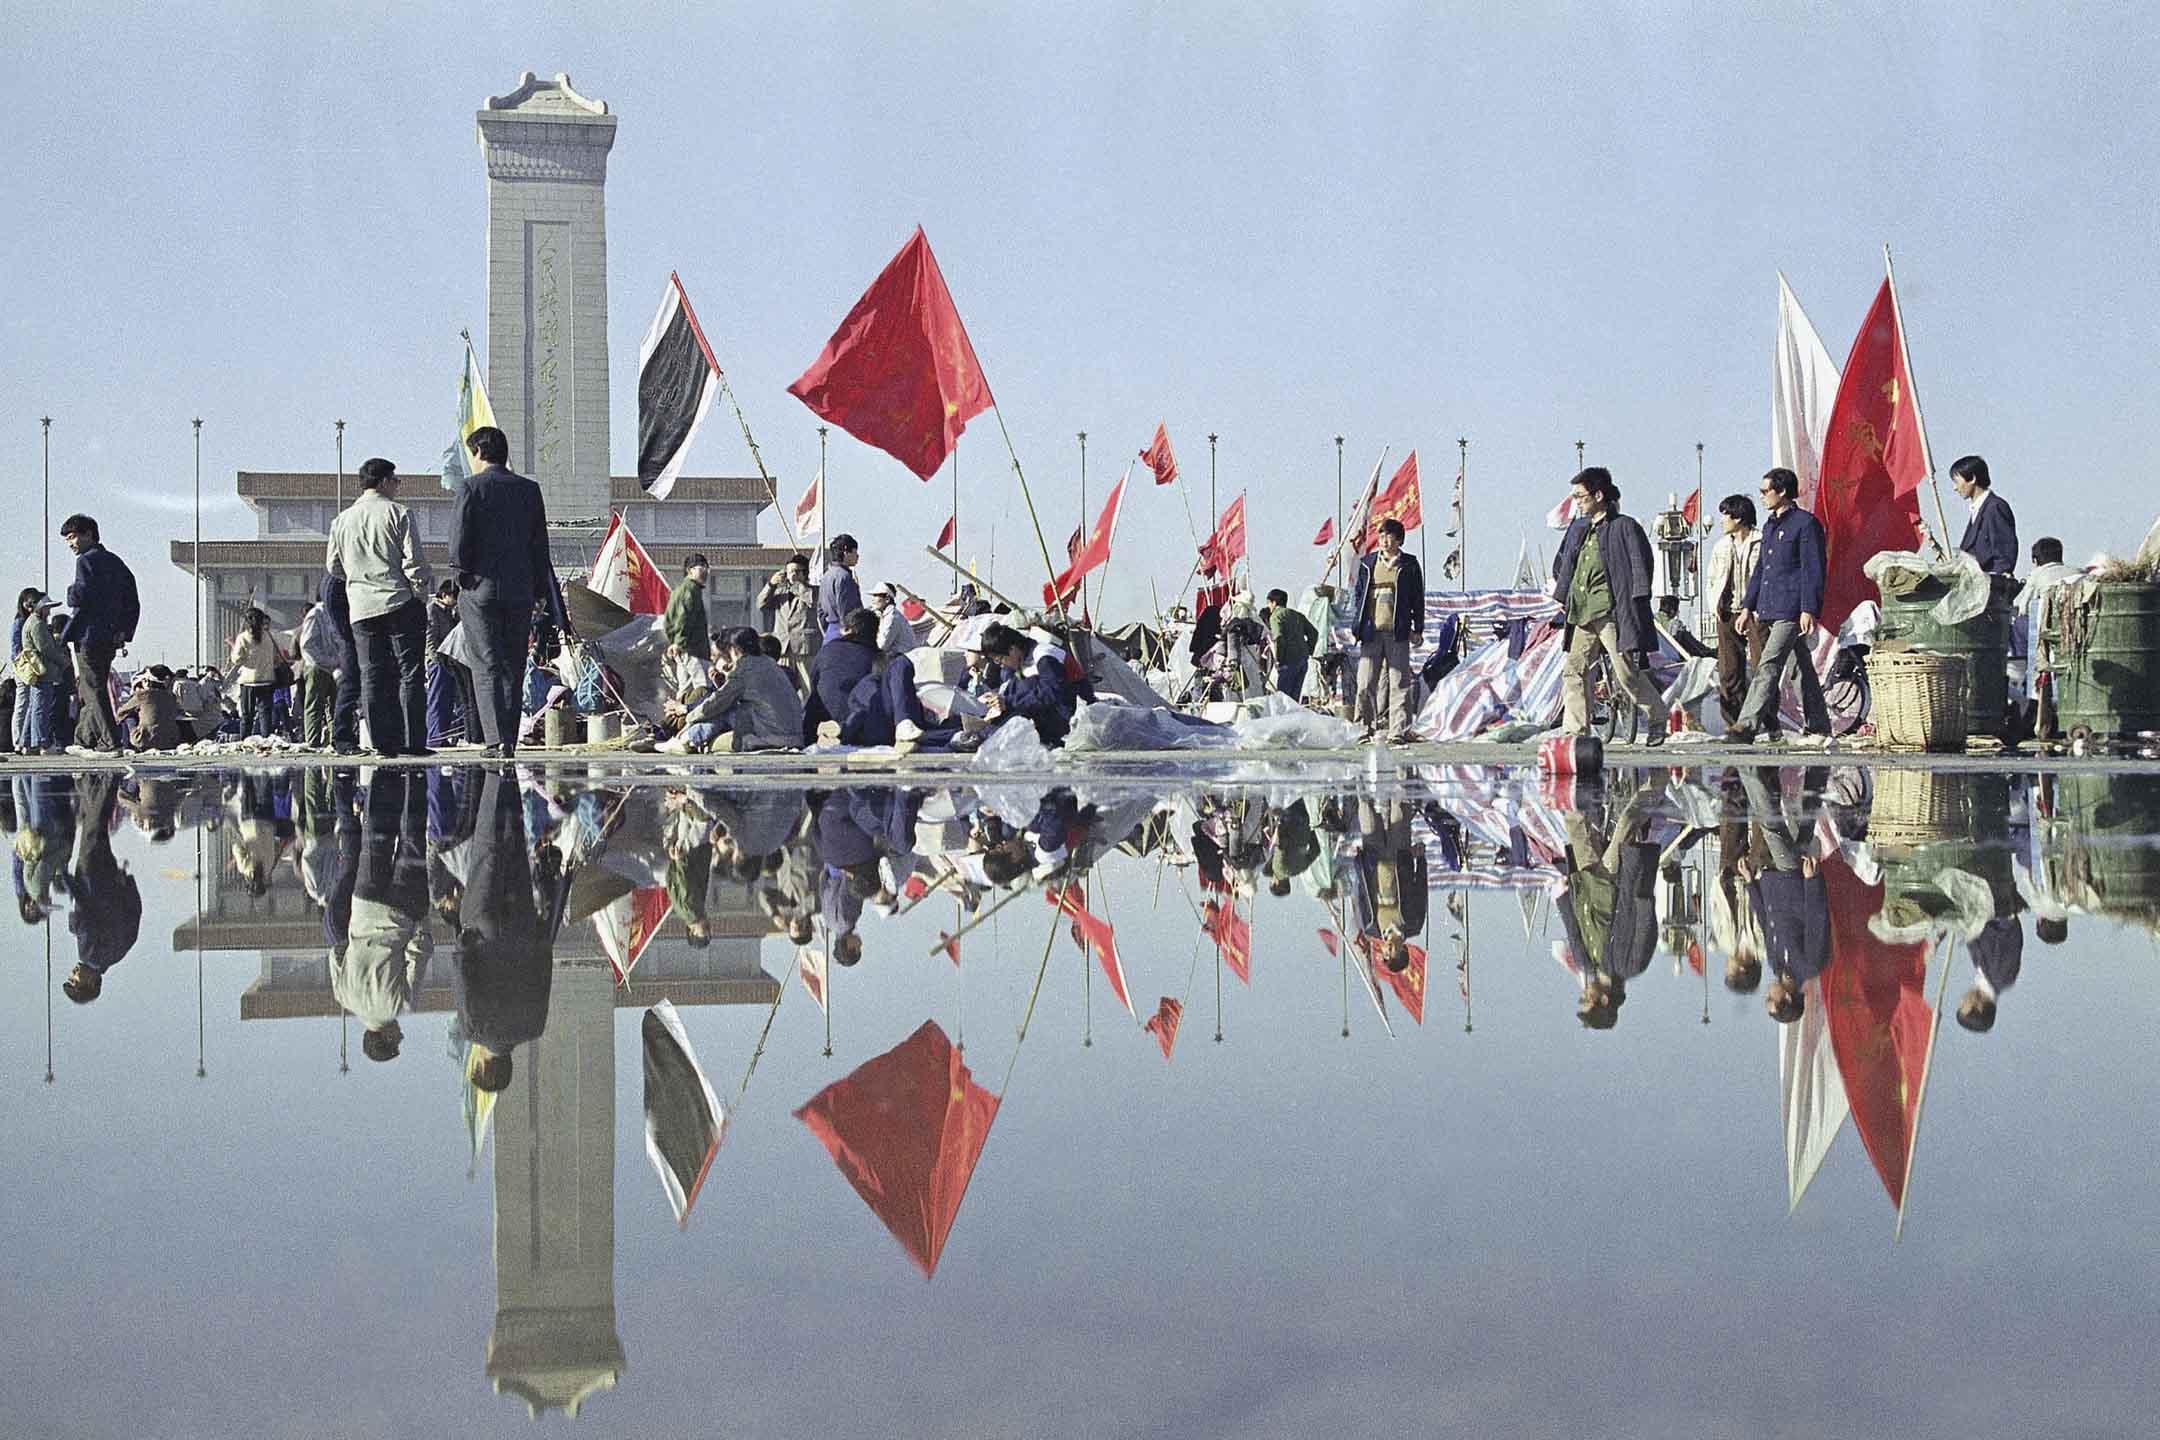 1989年5月24日,傾盆大雨後的早上,北京天安門廣場的學生繼續留守。  攝:Mark Avery/AP/達志影像